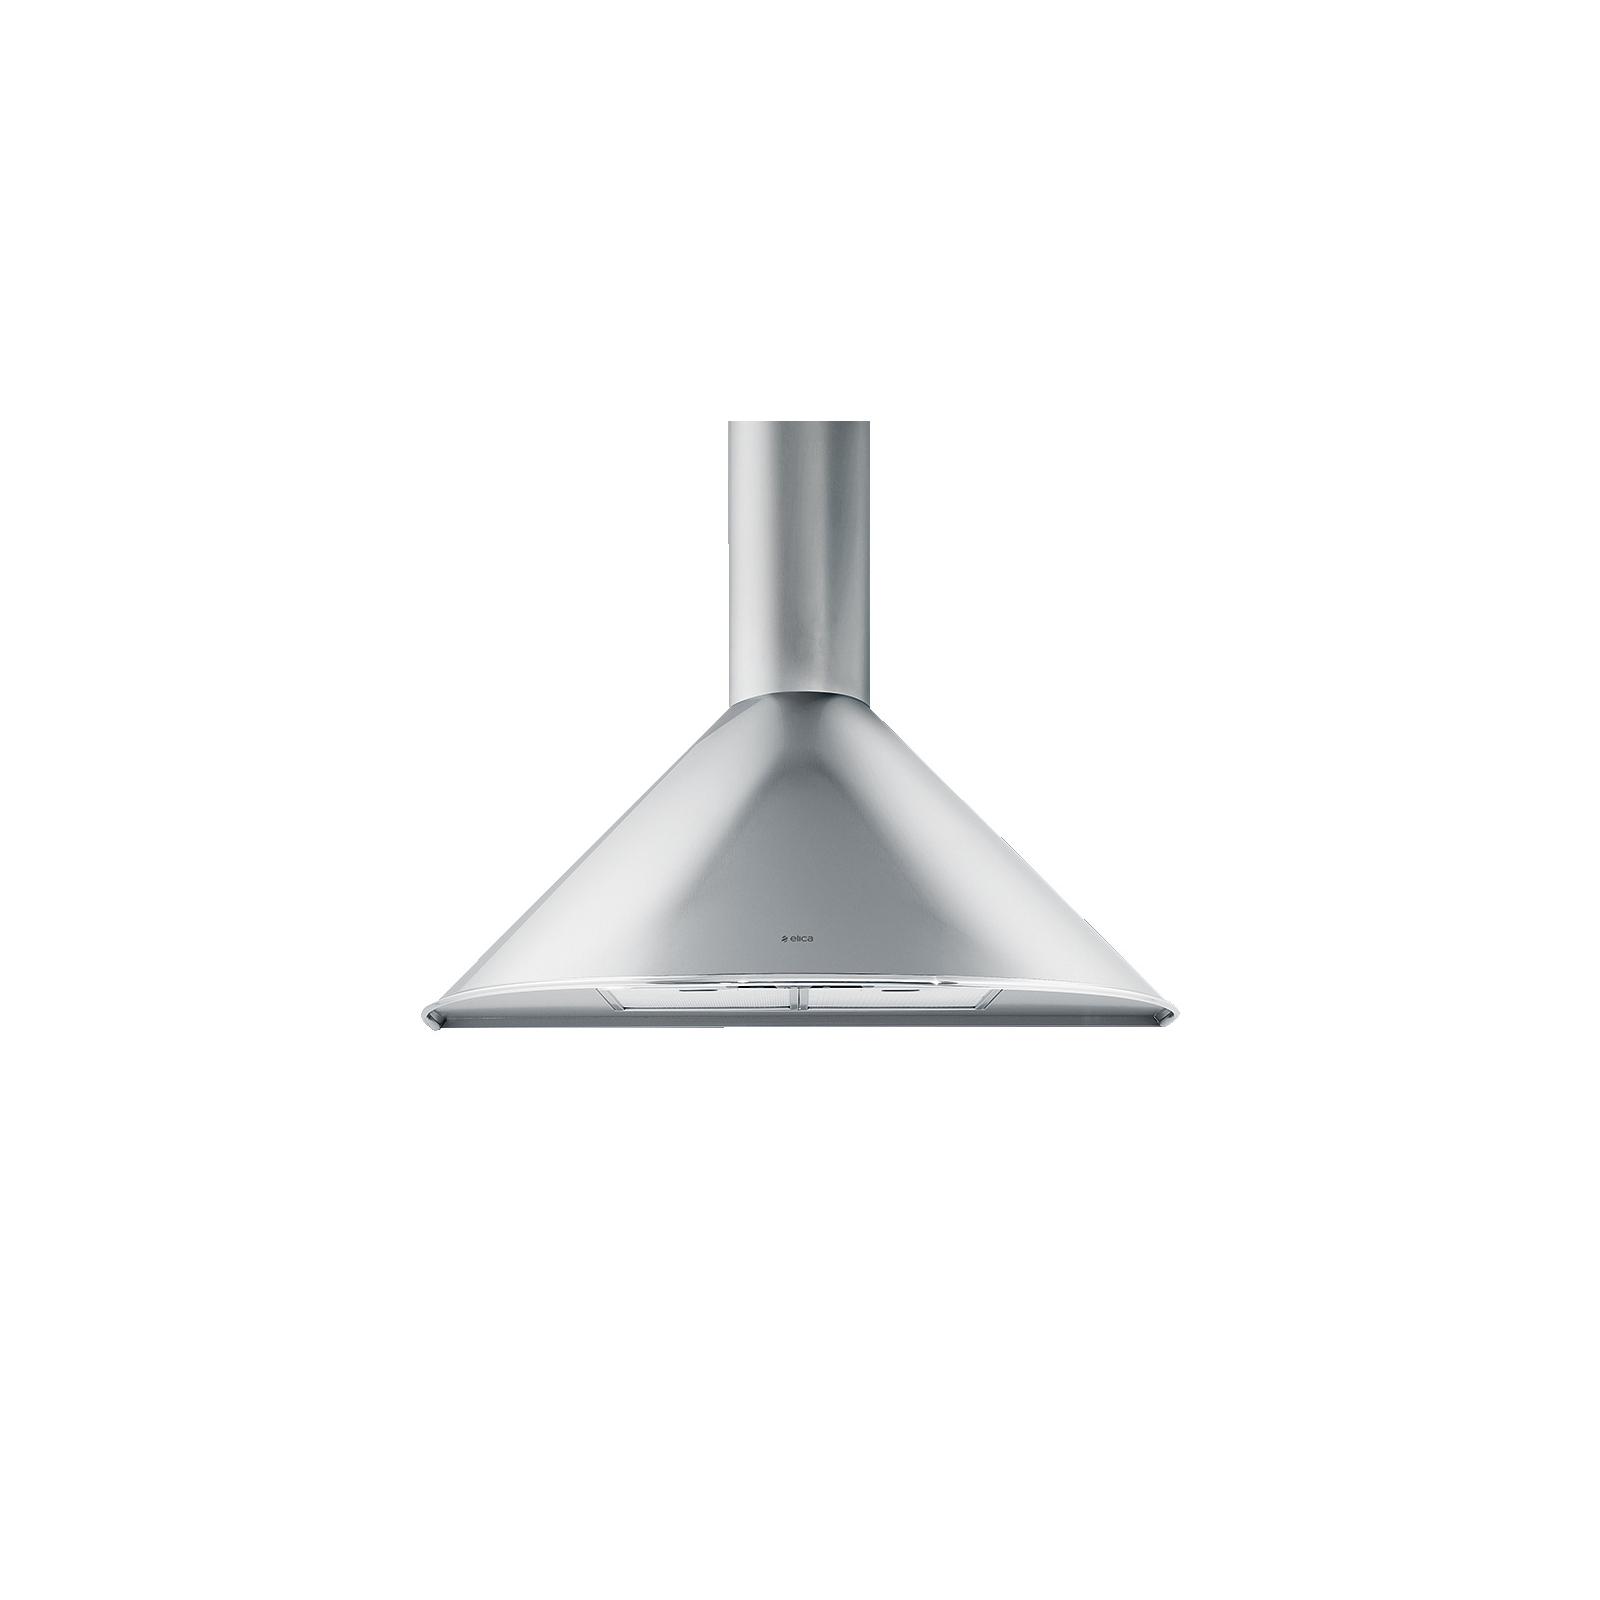 Вытяжка кухонная ELICA TONDA IX F/90